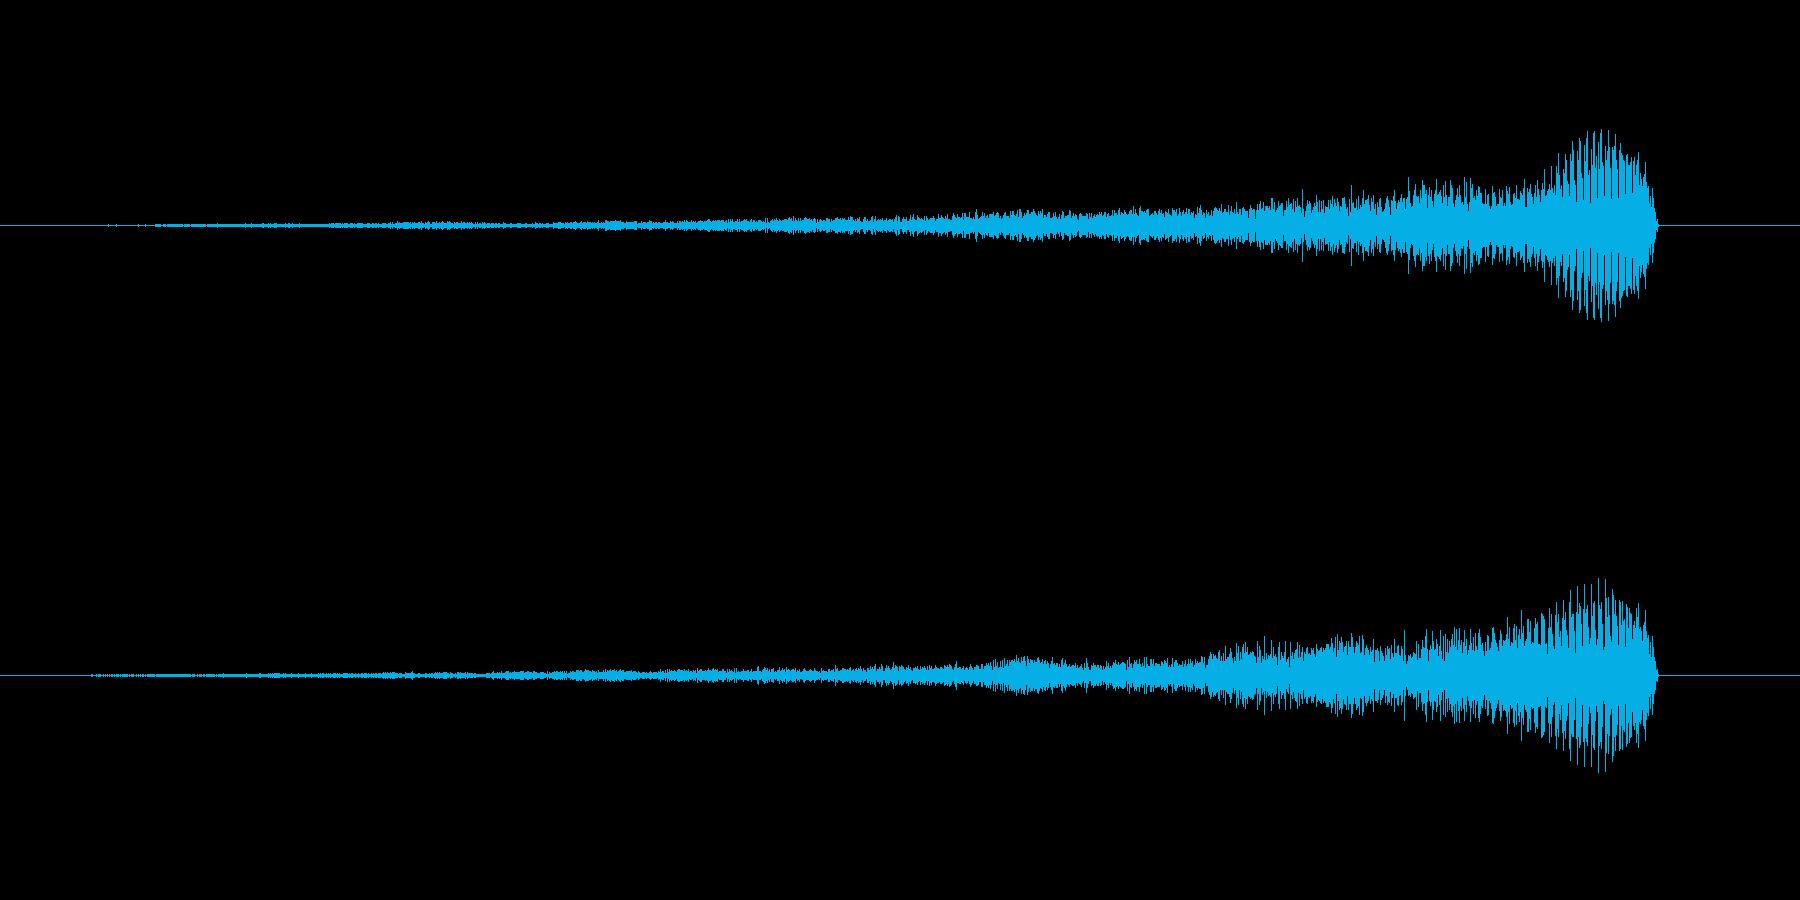 【サイバー06-6】の再生済みの波形